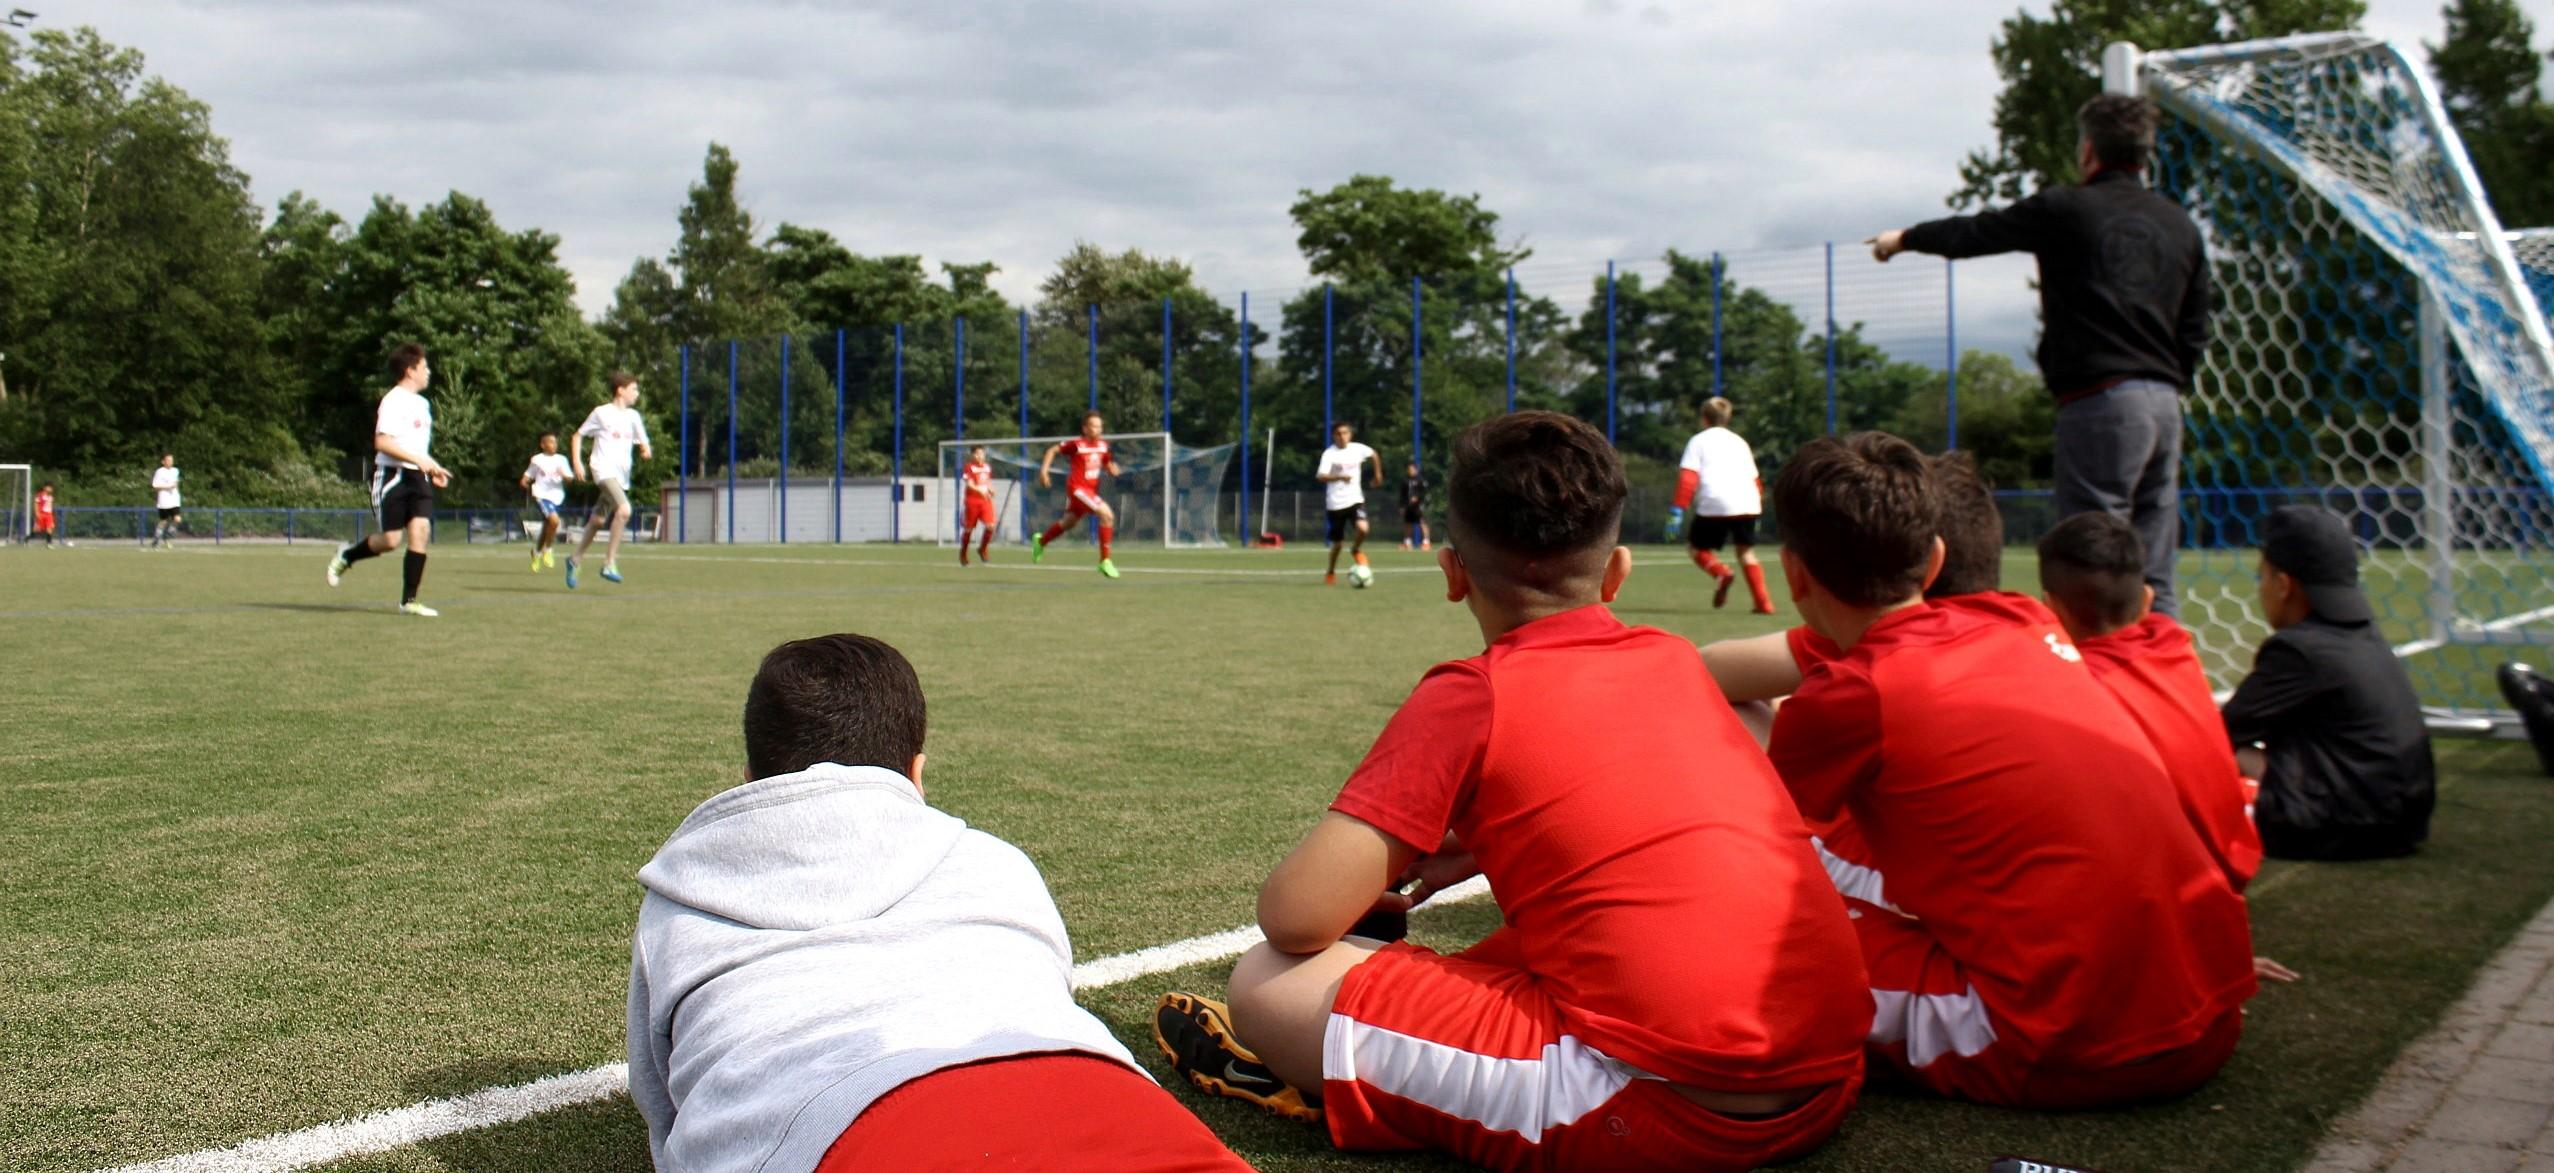 """Ausgezeichnetes Projekt: Bei """"Fußball trifft Kultur"""" werden Kinder der Gesamtschule Nord über Sport und die Begeisterung für Rot-Weiss Essen zum Lernen motiviert. (Foto: Müller)"""